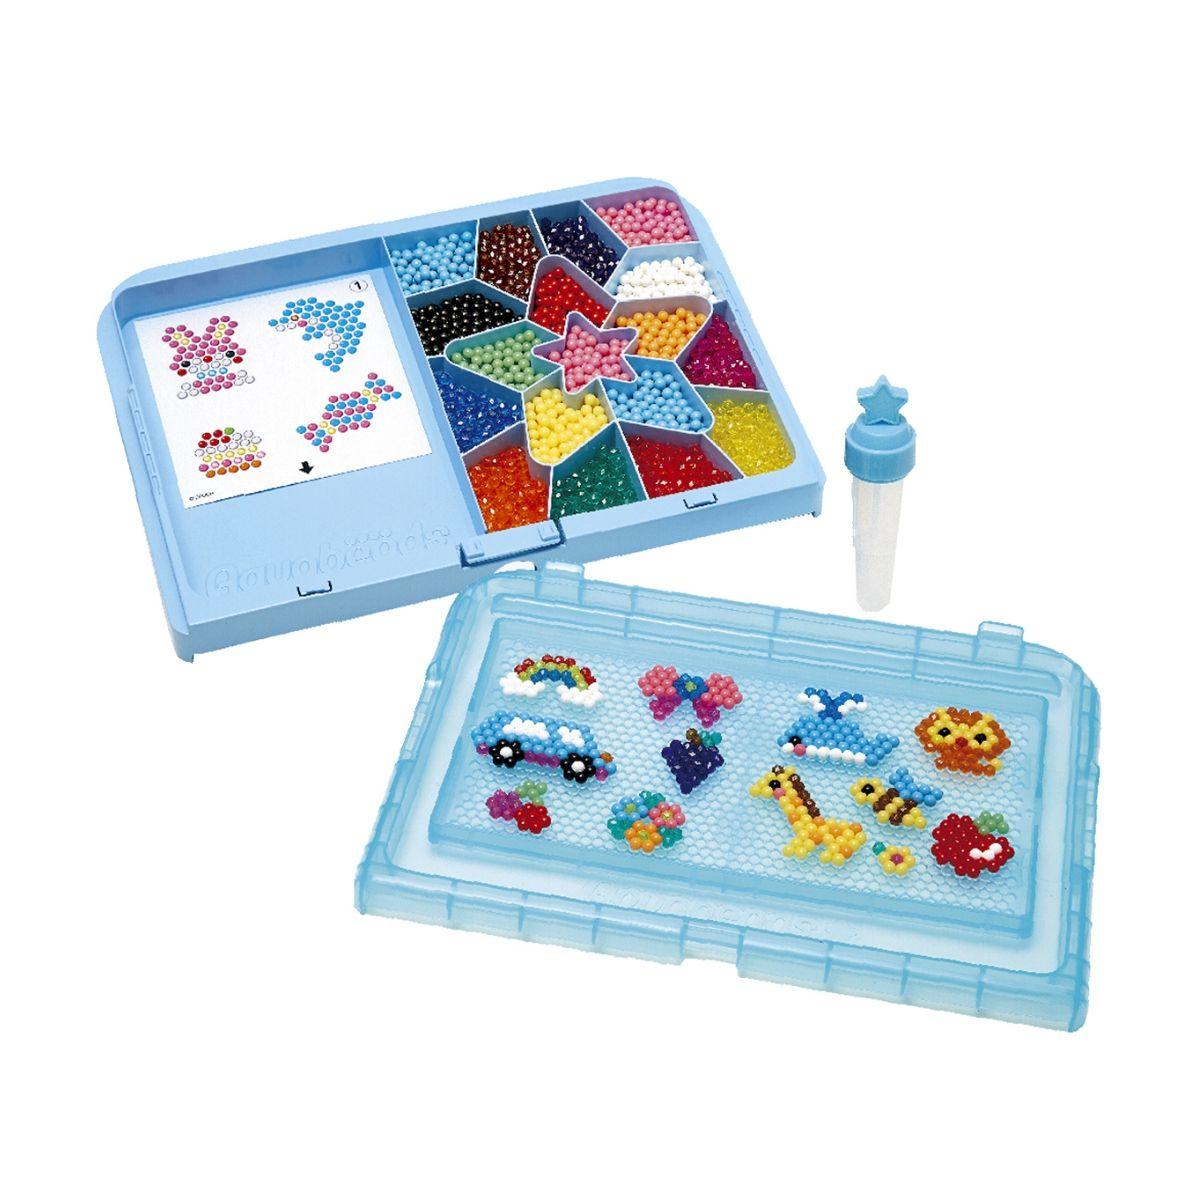 Combo Aquabeads Meu Primeiro Atelie + Conjunto de Aneis  - Game Land Brinquedos